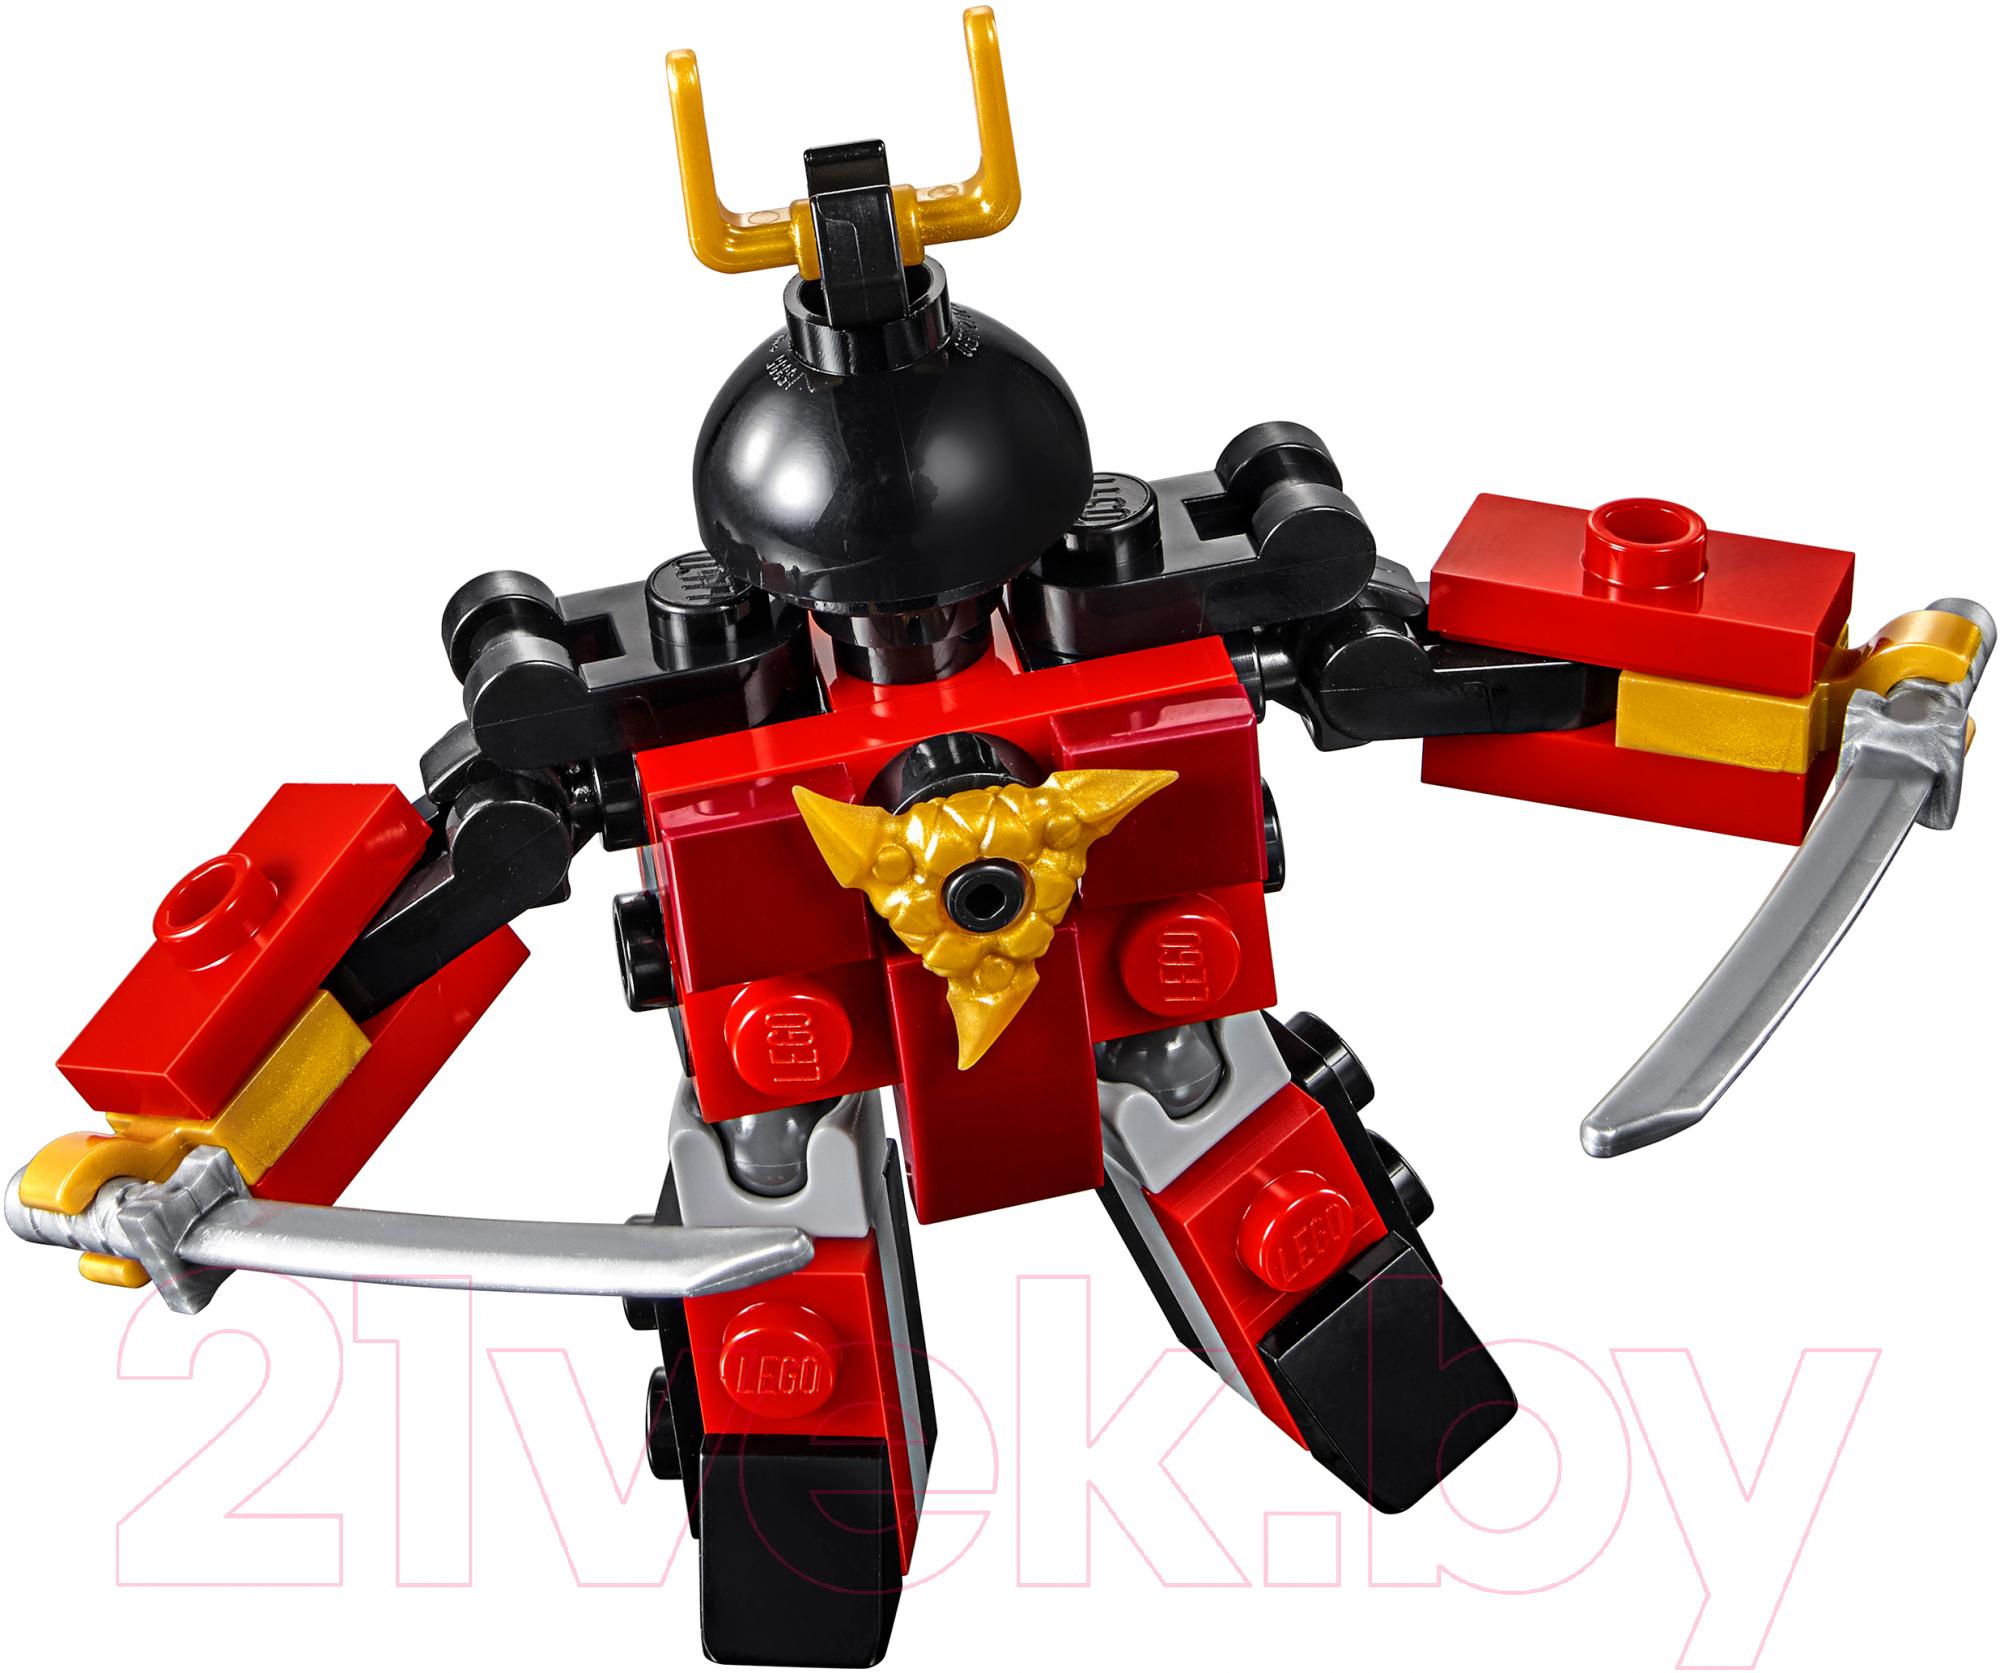 Купить Конструктор Lego, Ninjago Самурай X 30533, Китай, пластик